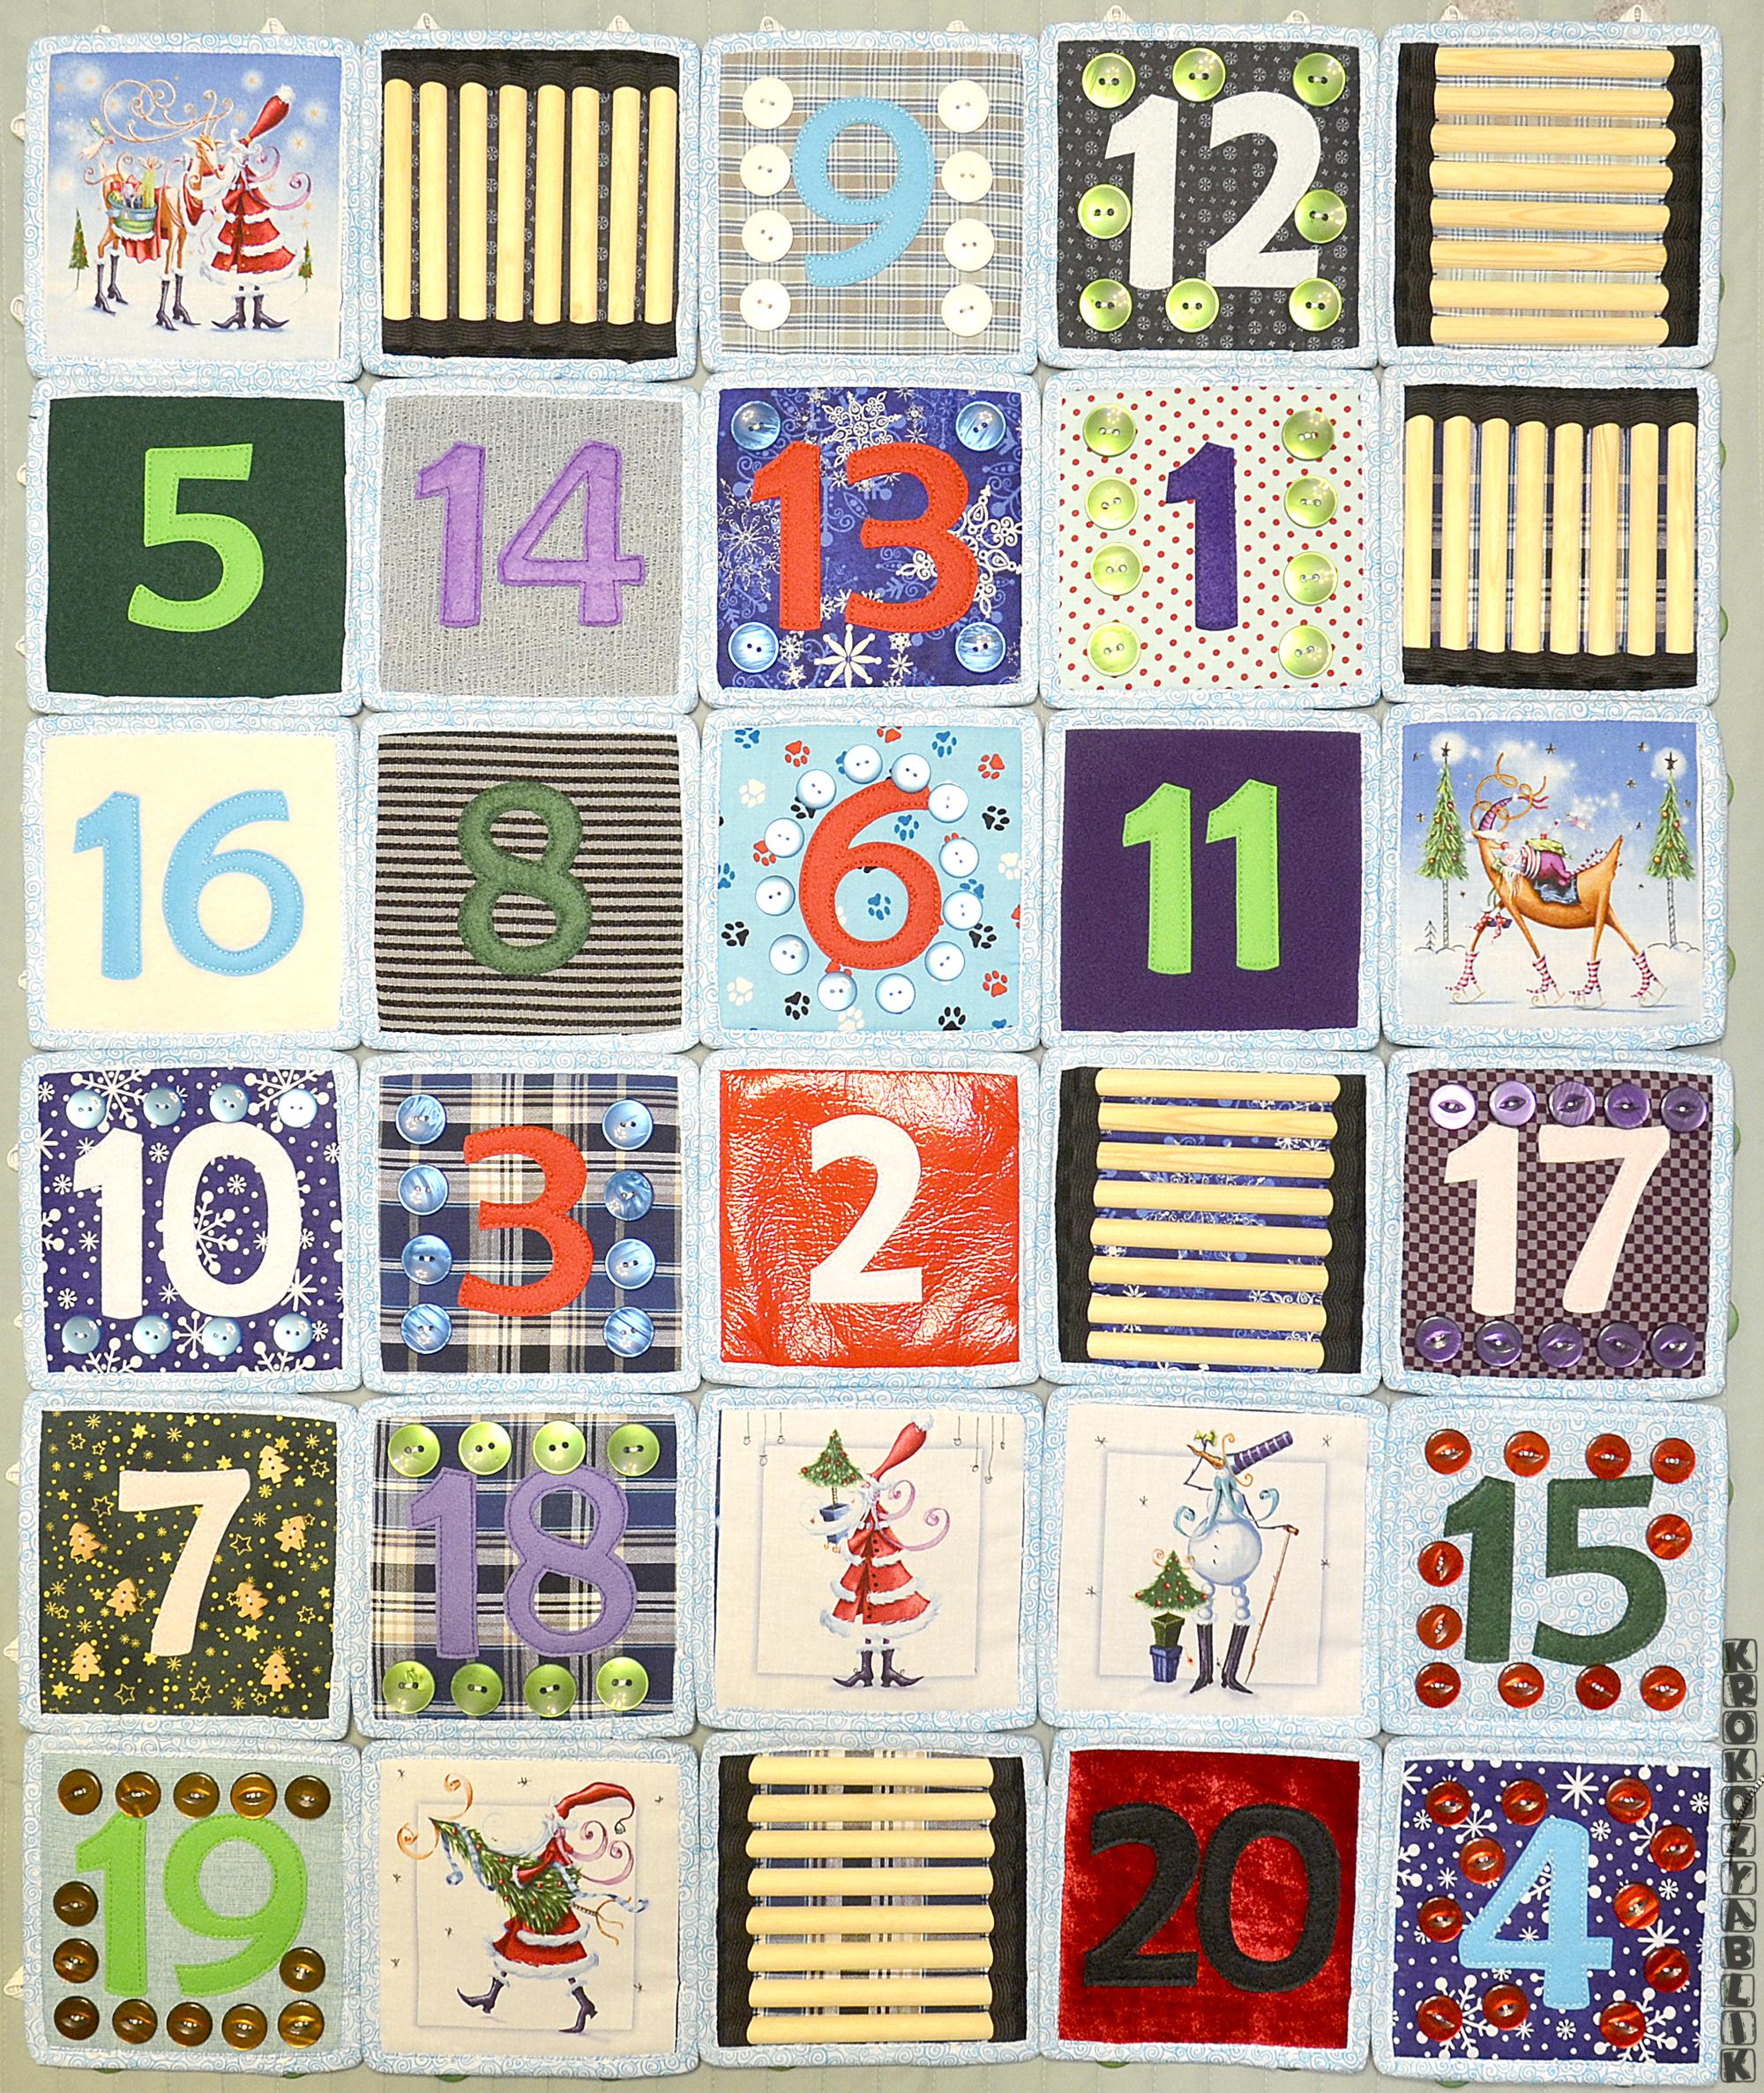 новогодние кубики плюс коврик (7).JPG